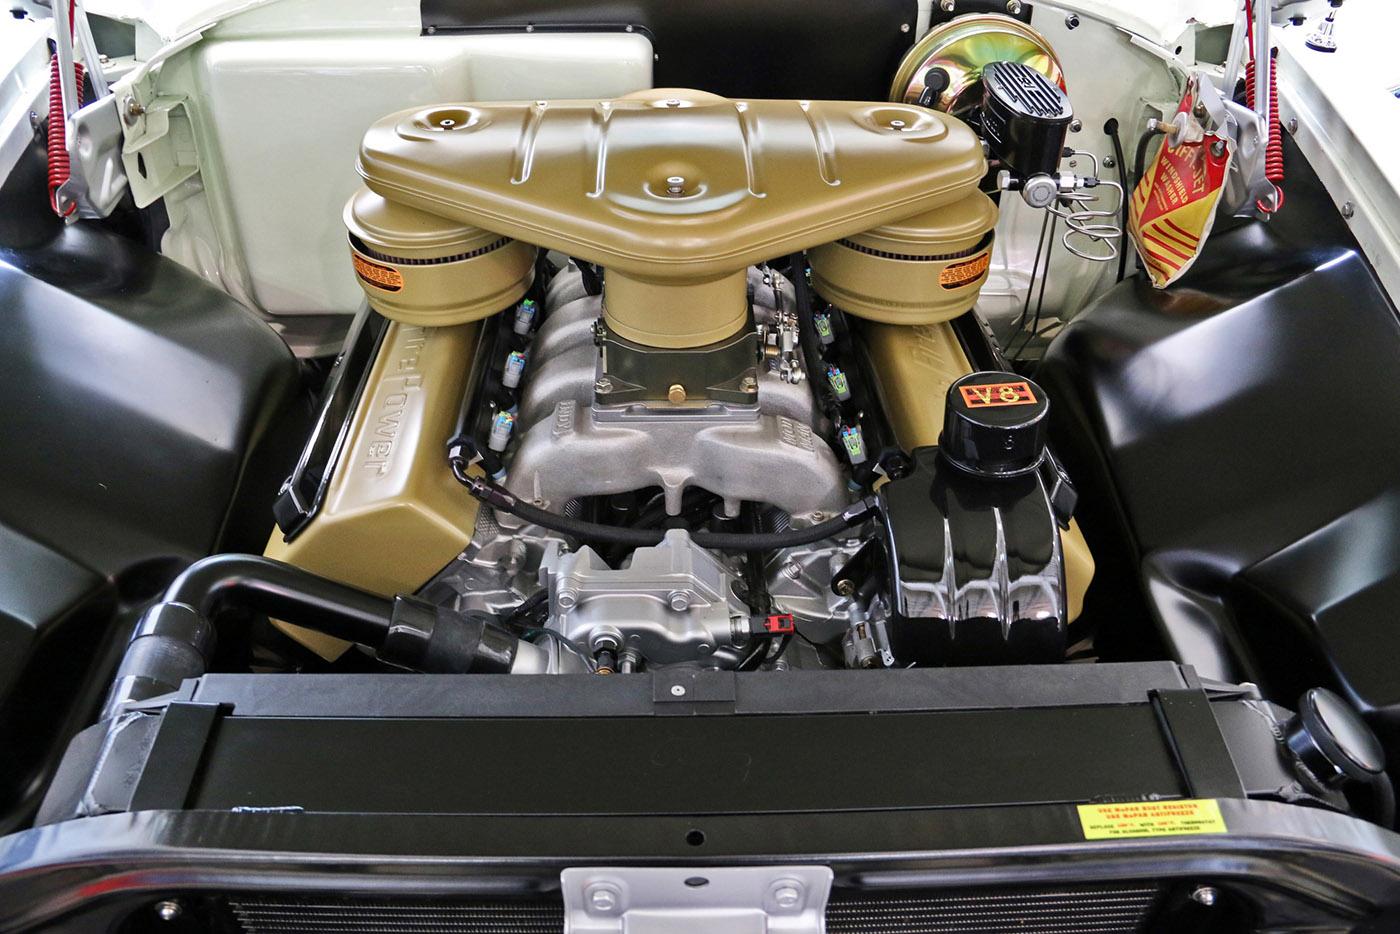 1955 Chrysler 300 With A 426 Hemi